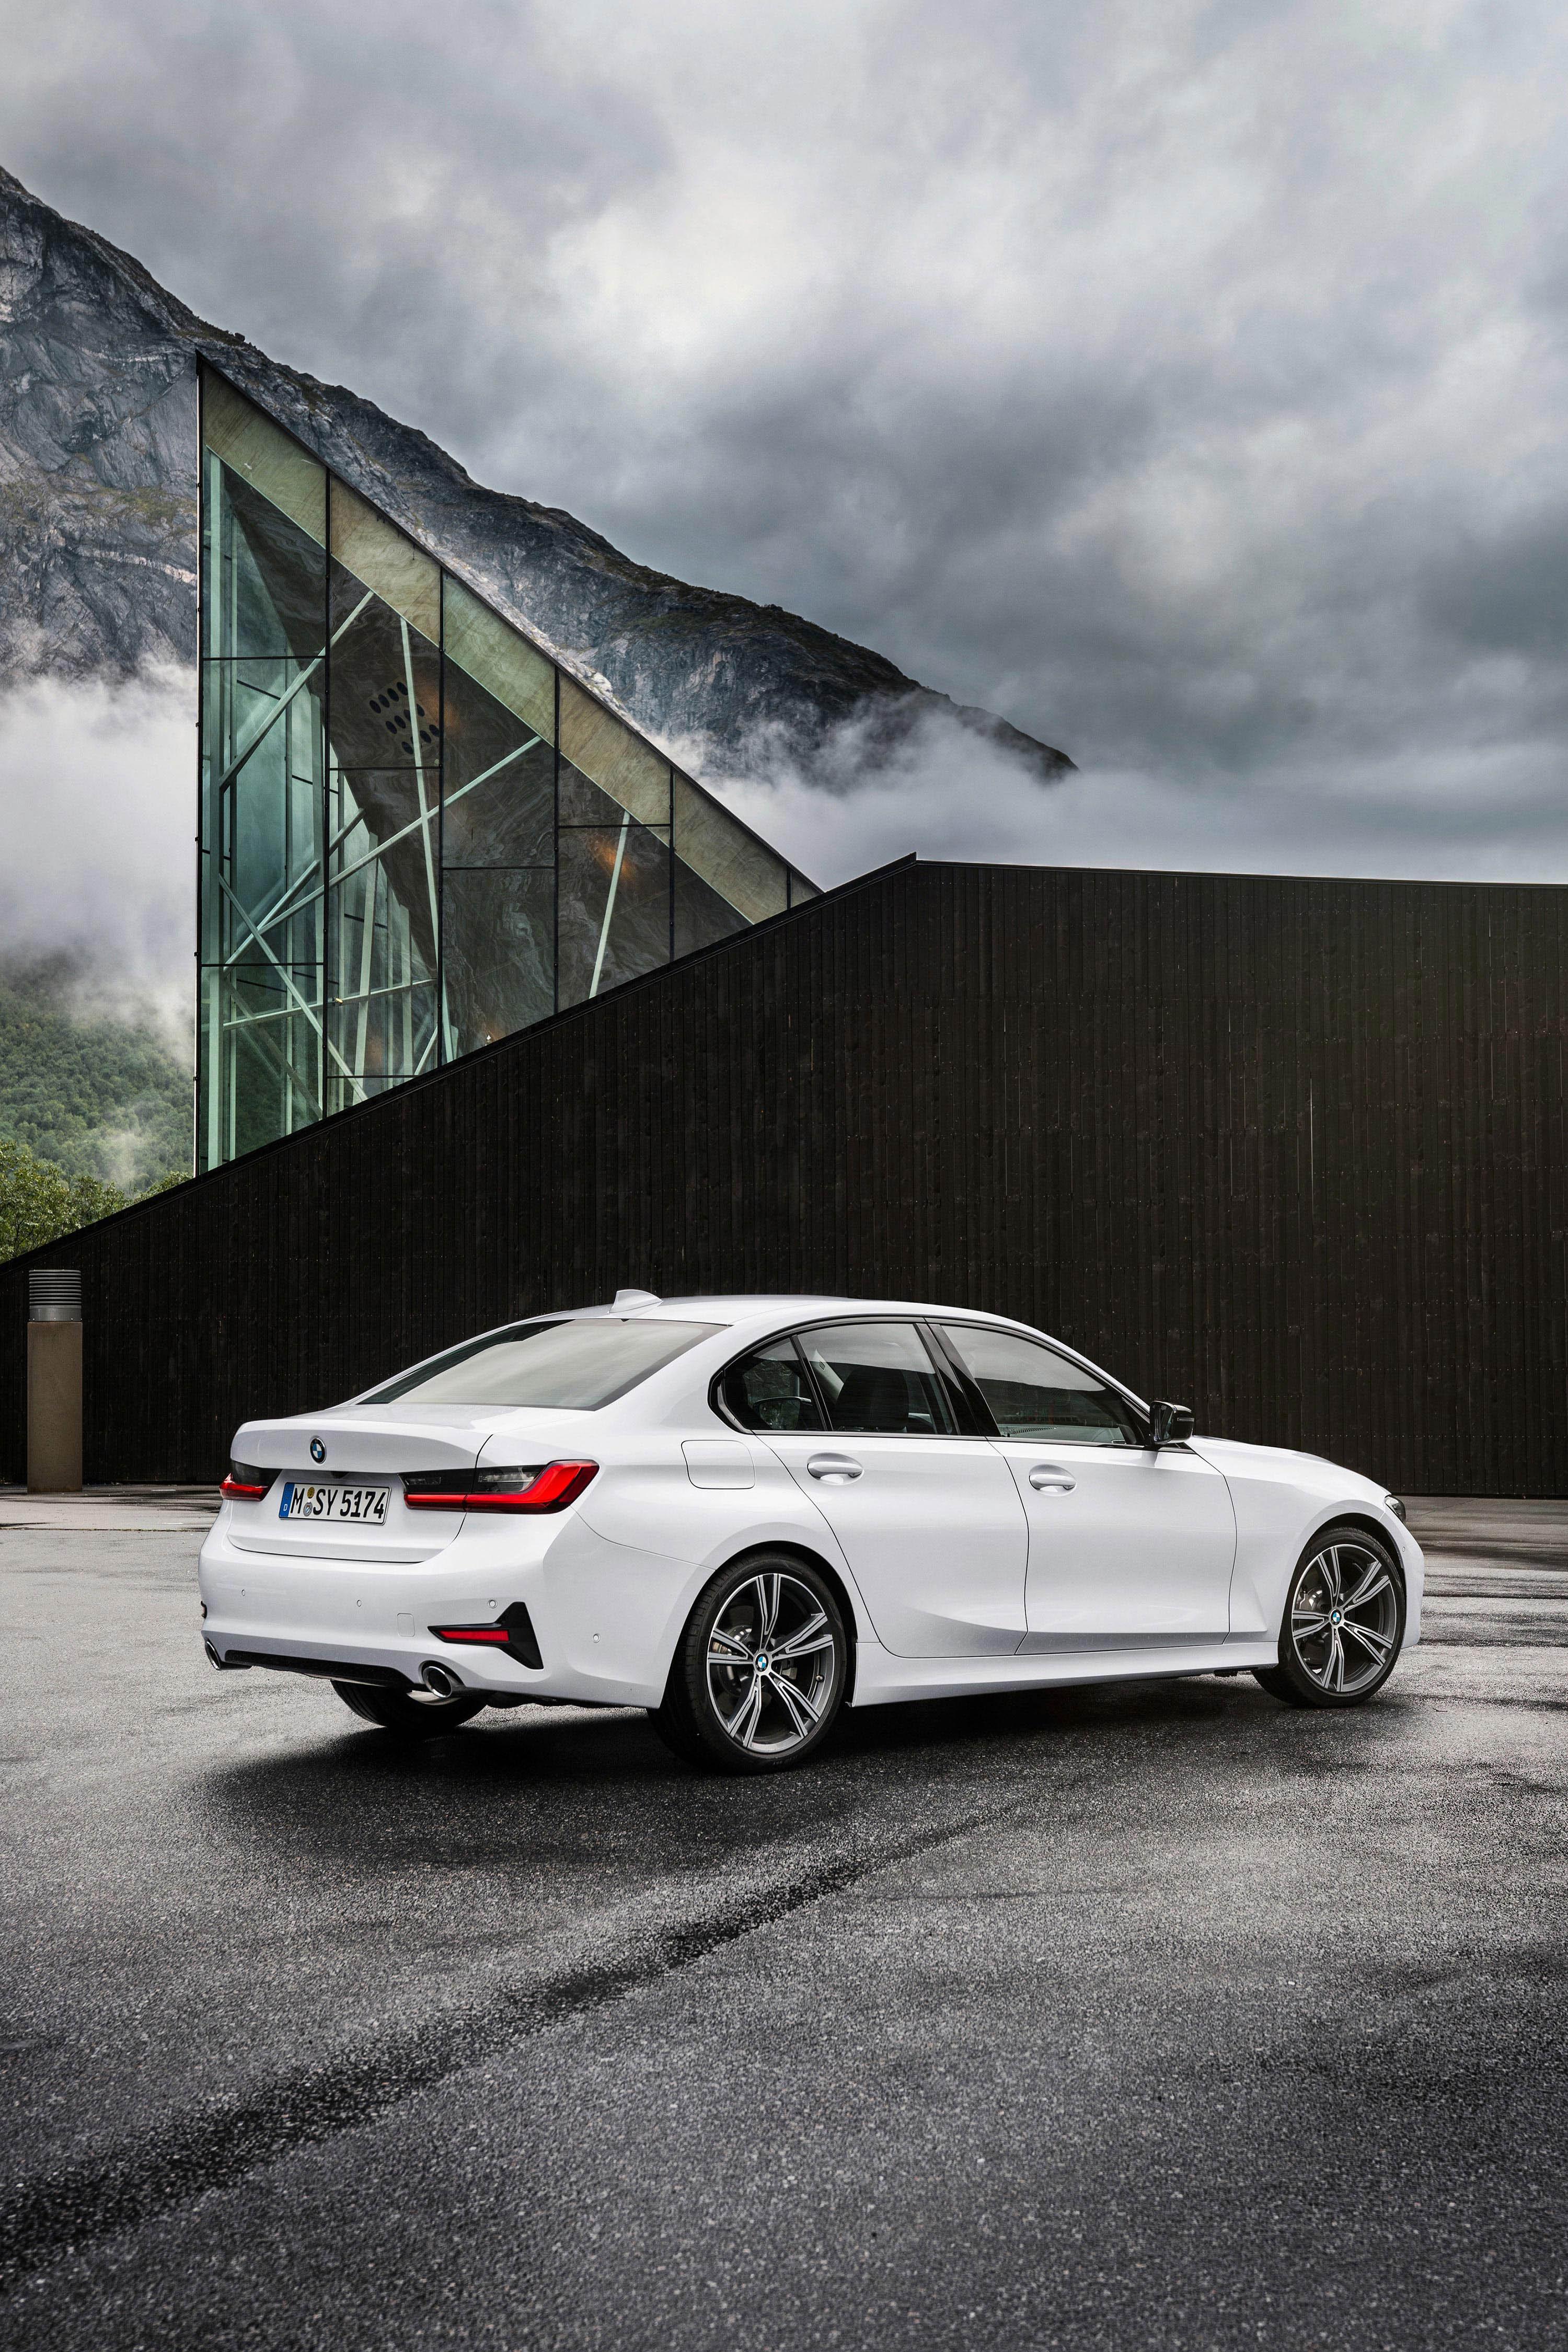 CARWIDE BMW Série 3 2019 - Traseira